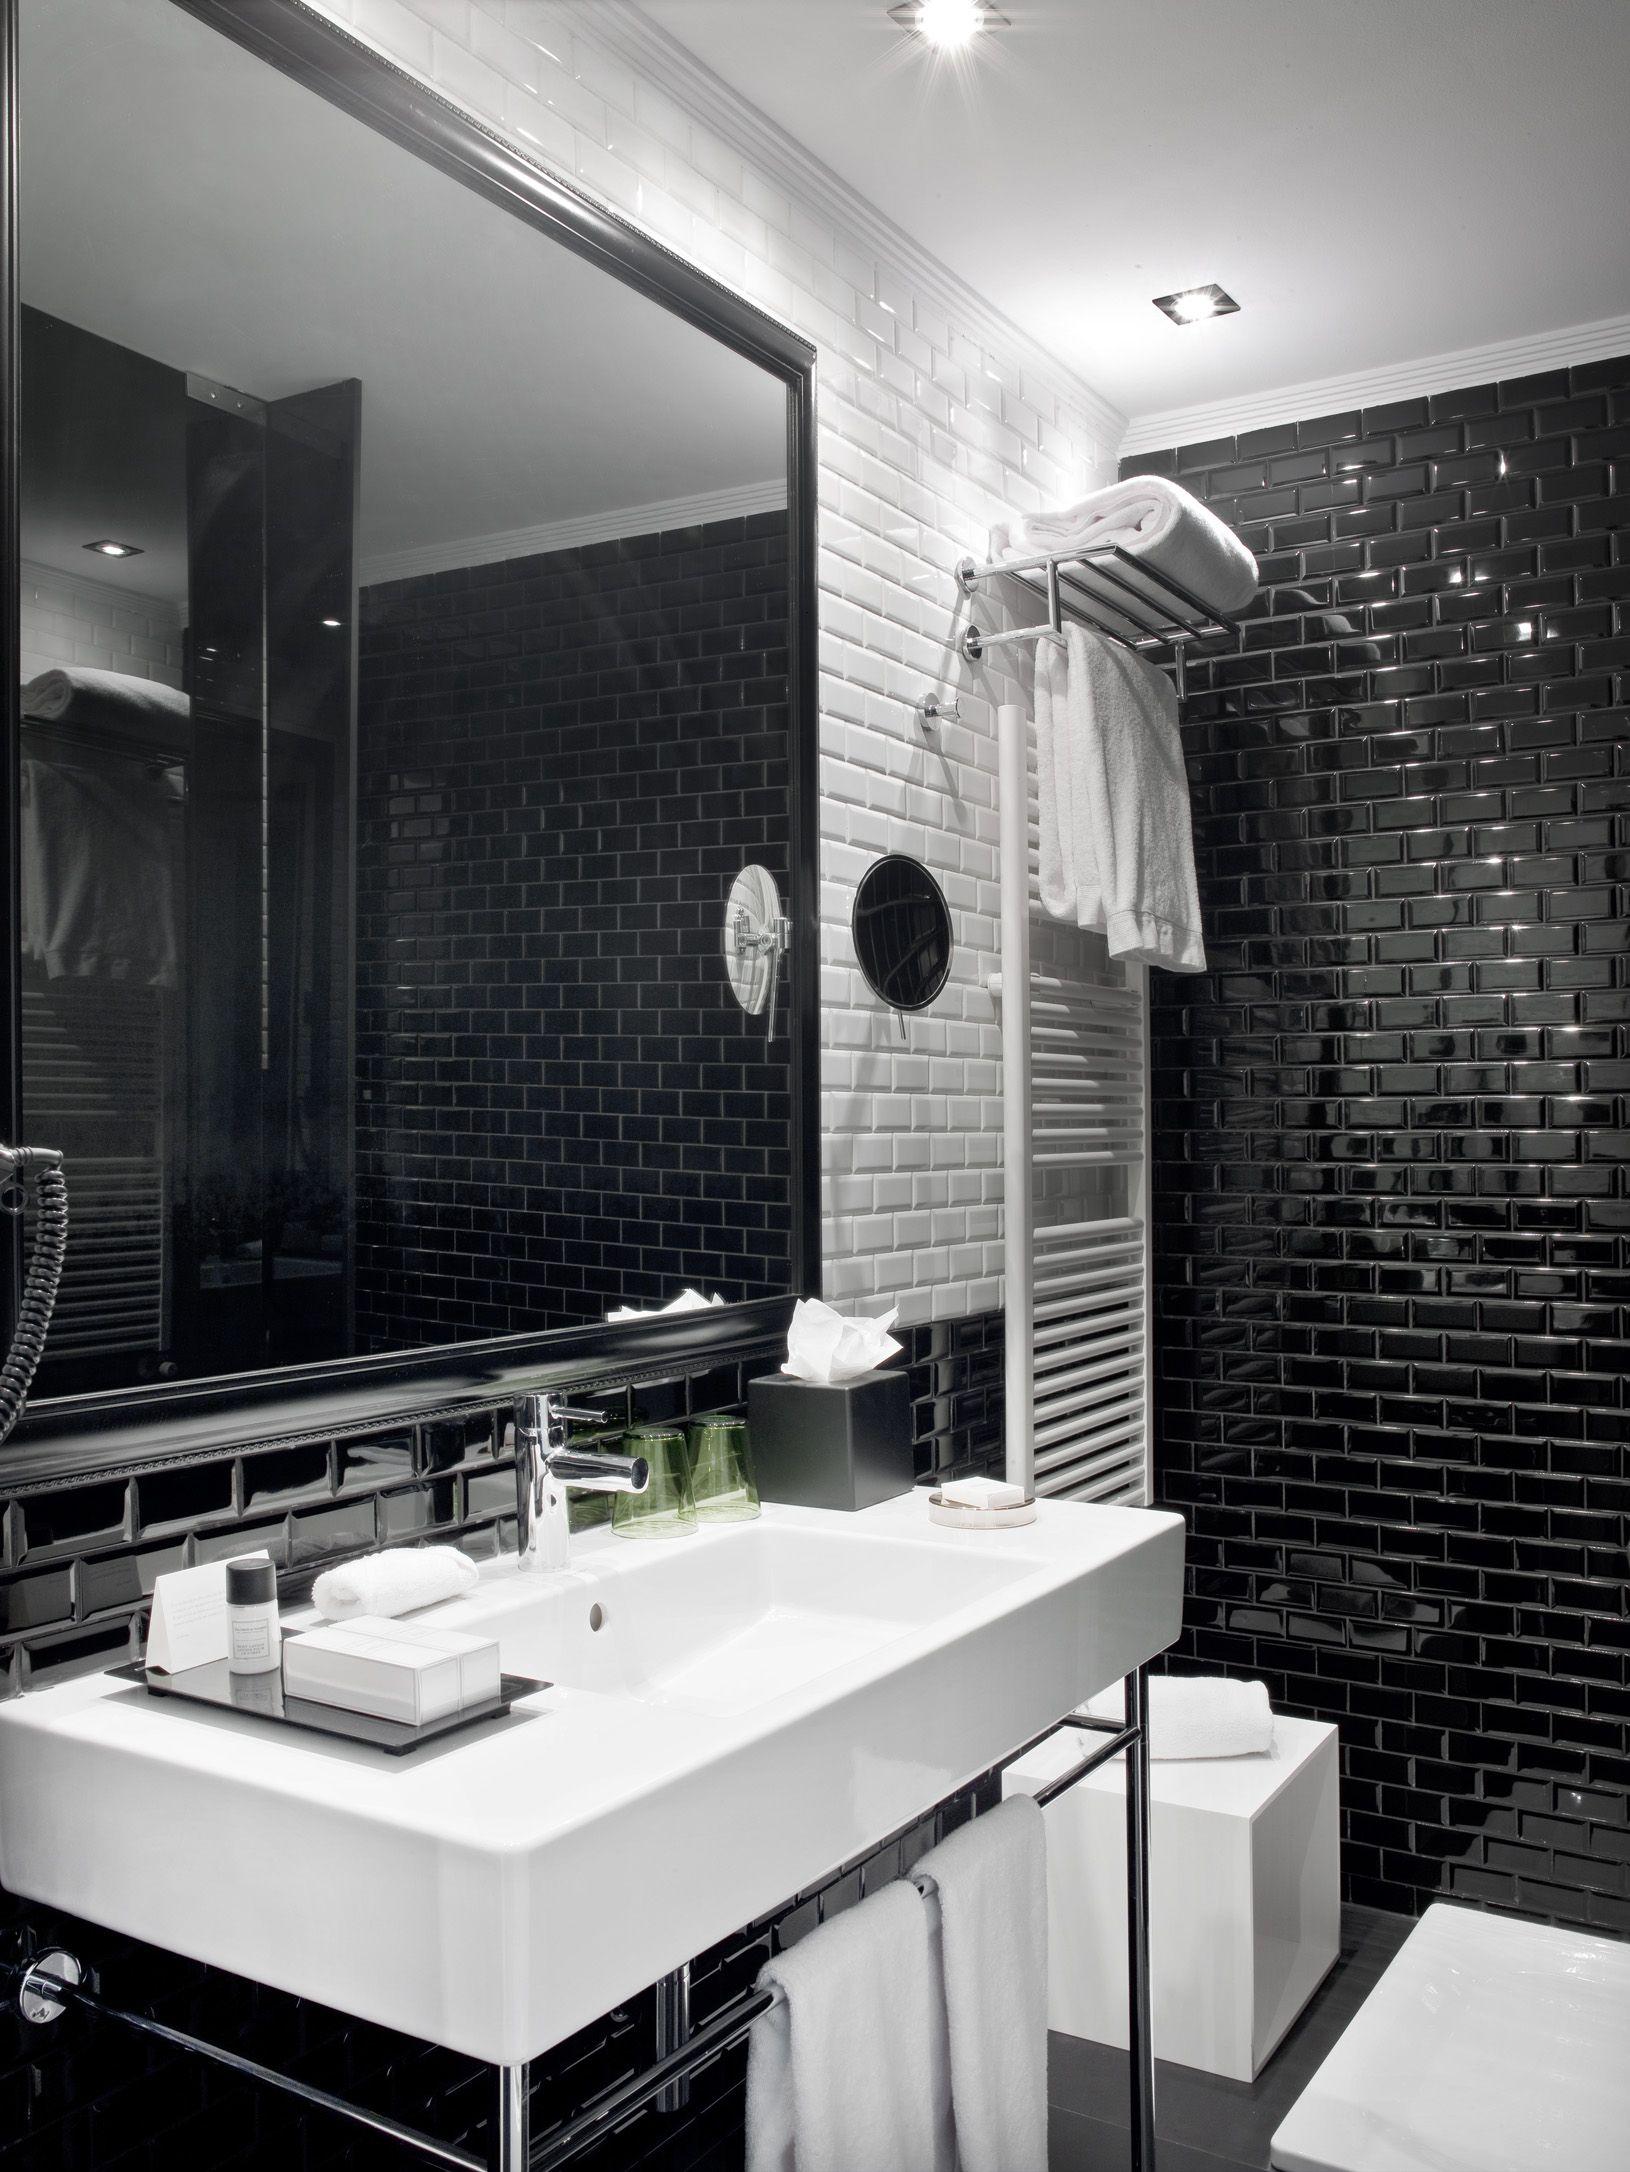 Badeinrichtung Berlin großer spiegel und waschbecken premium rooms in madrid the